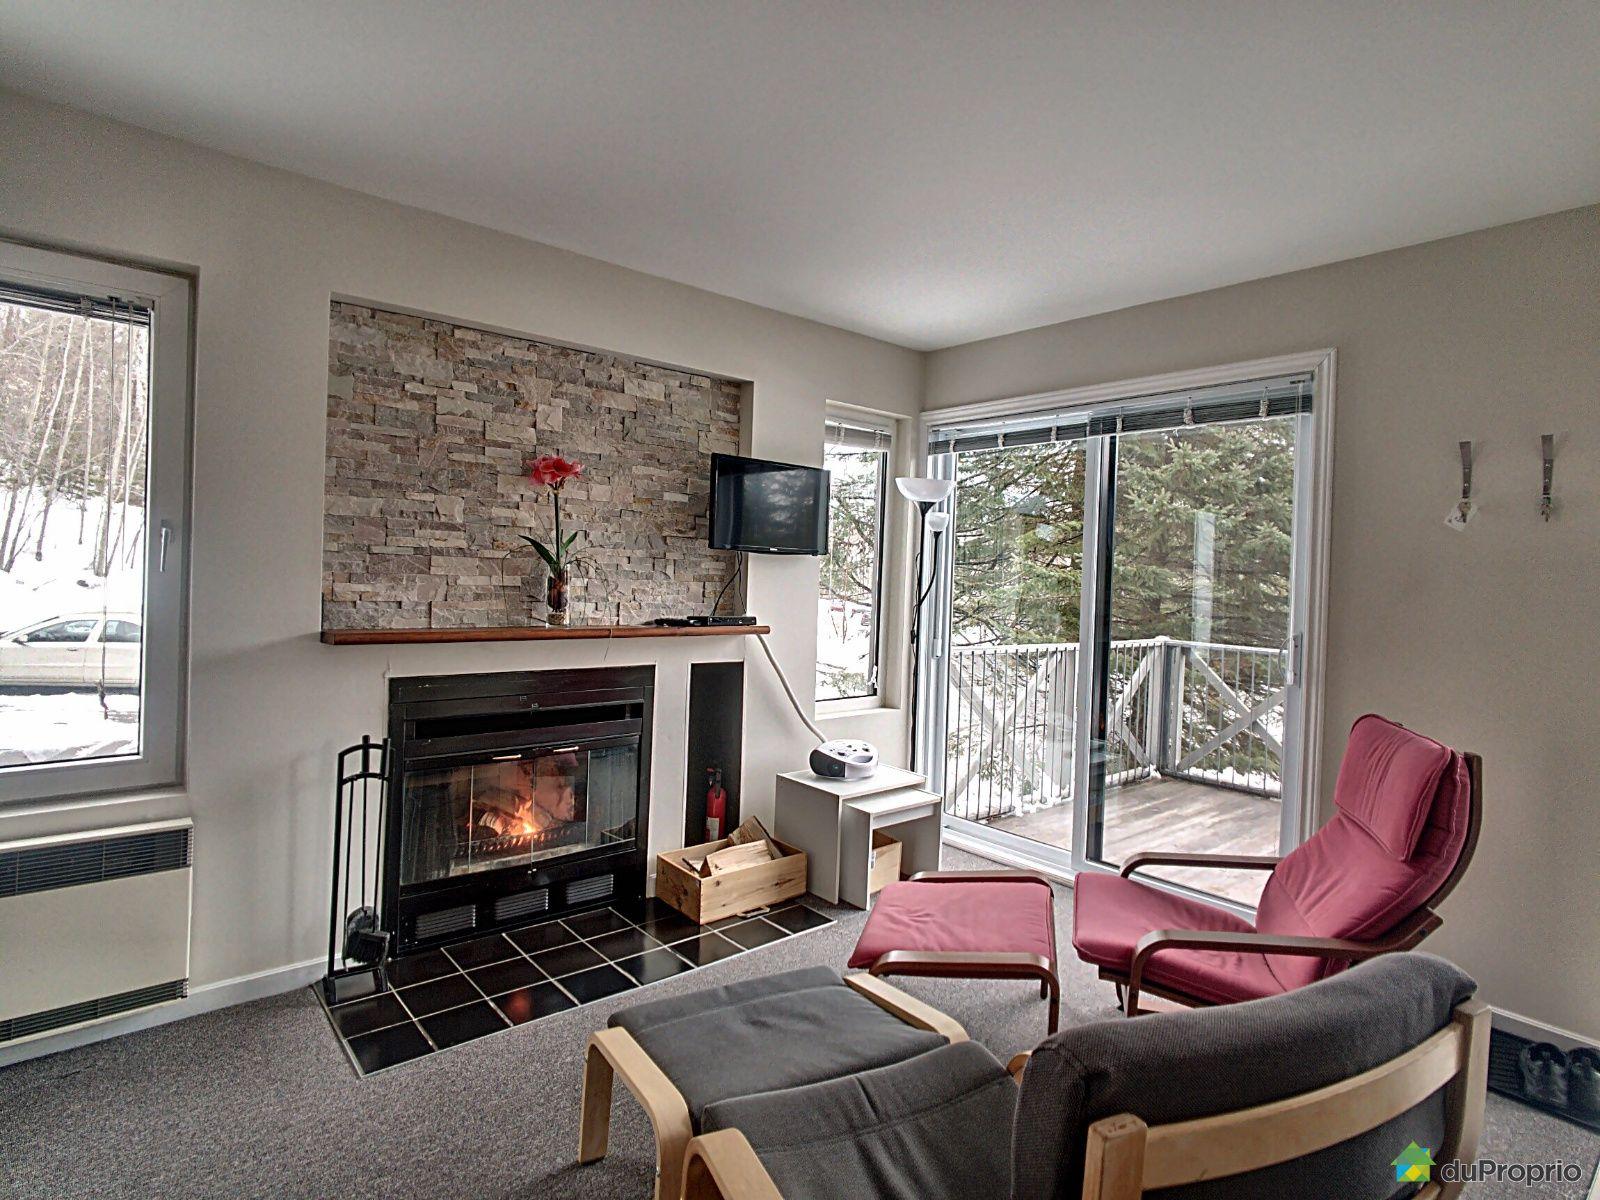 Fireplace - 212-285 chemin des Faitières, Piedmont for sale